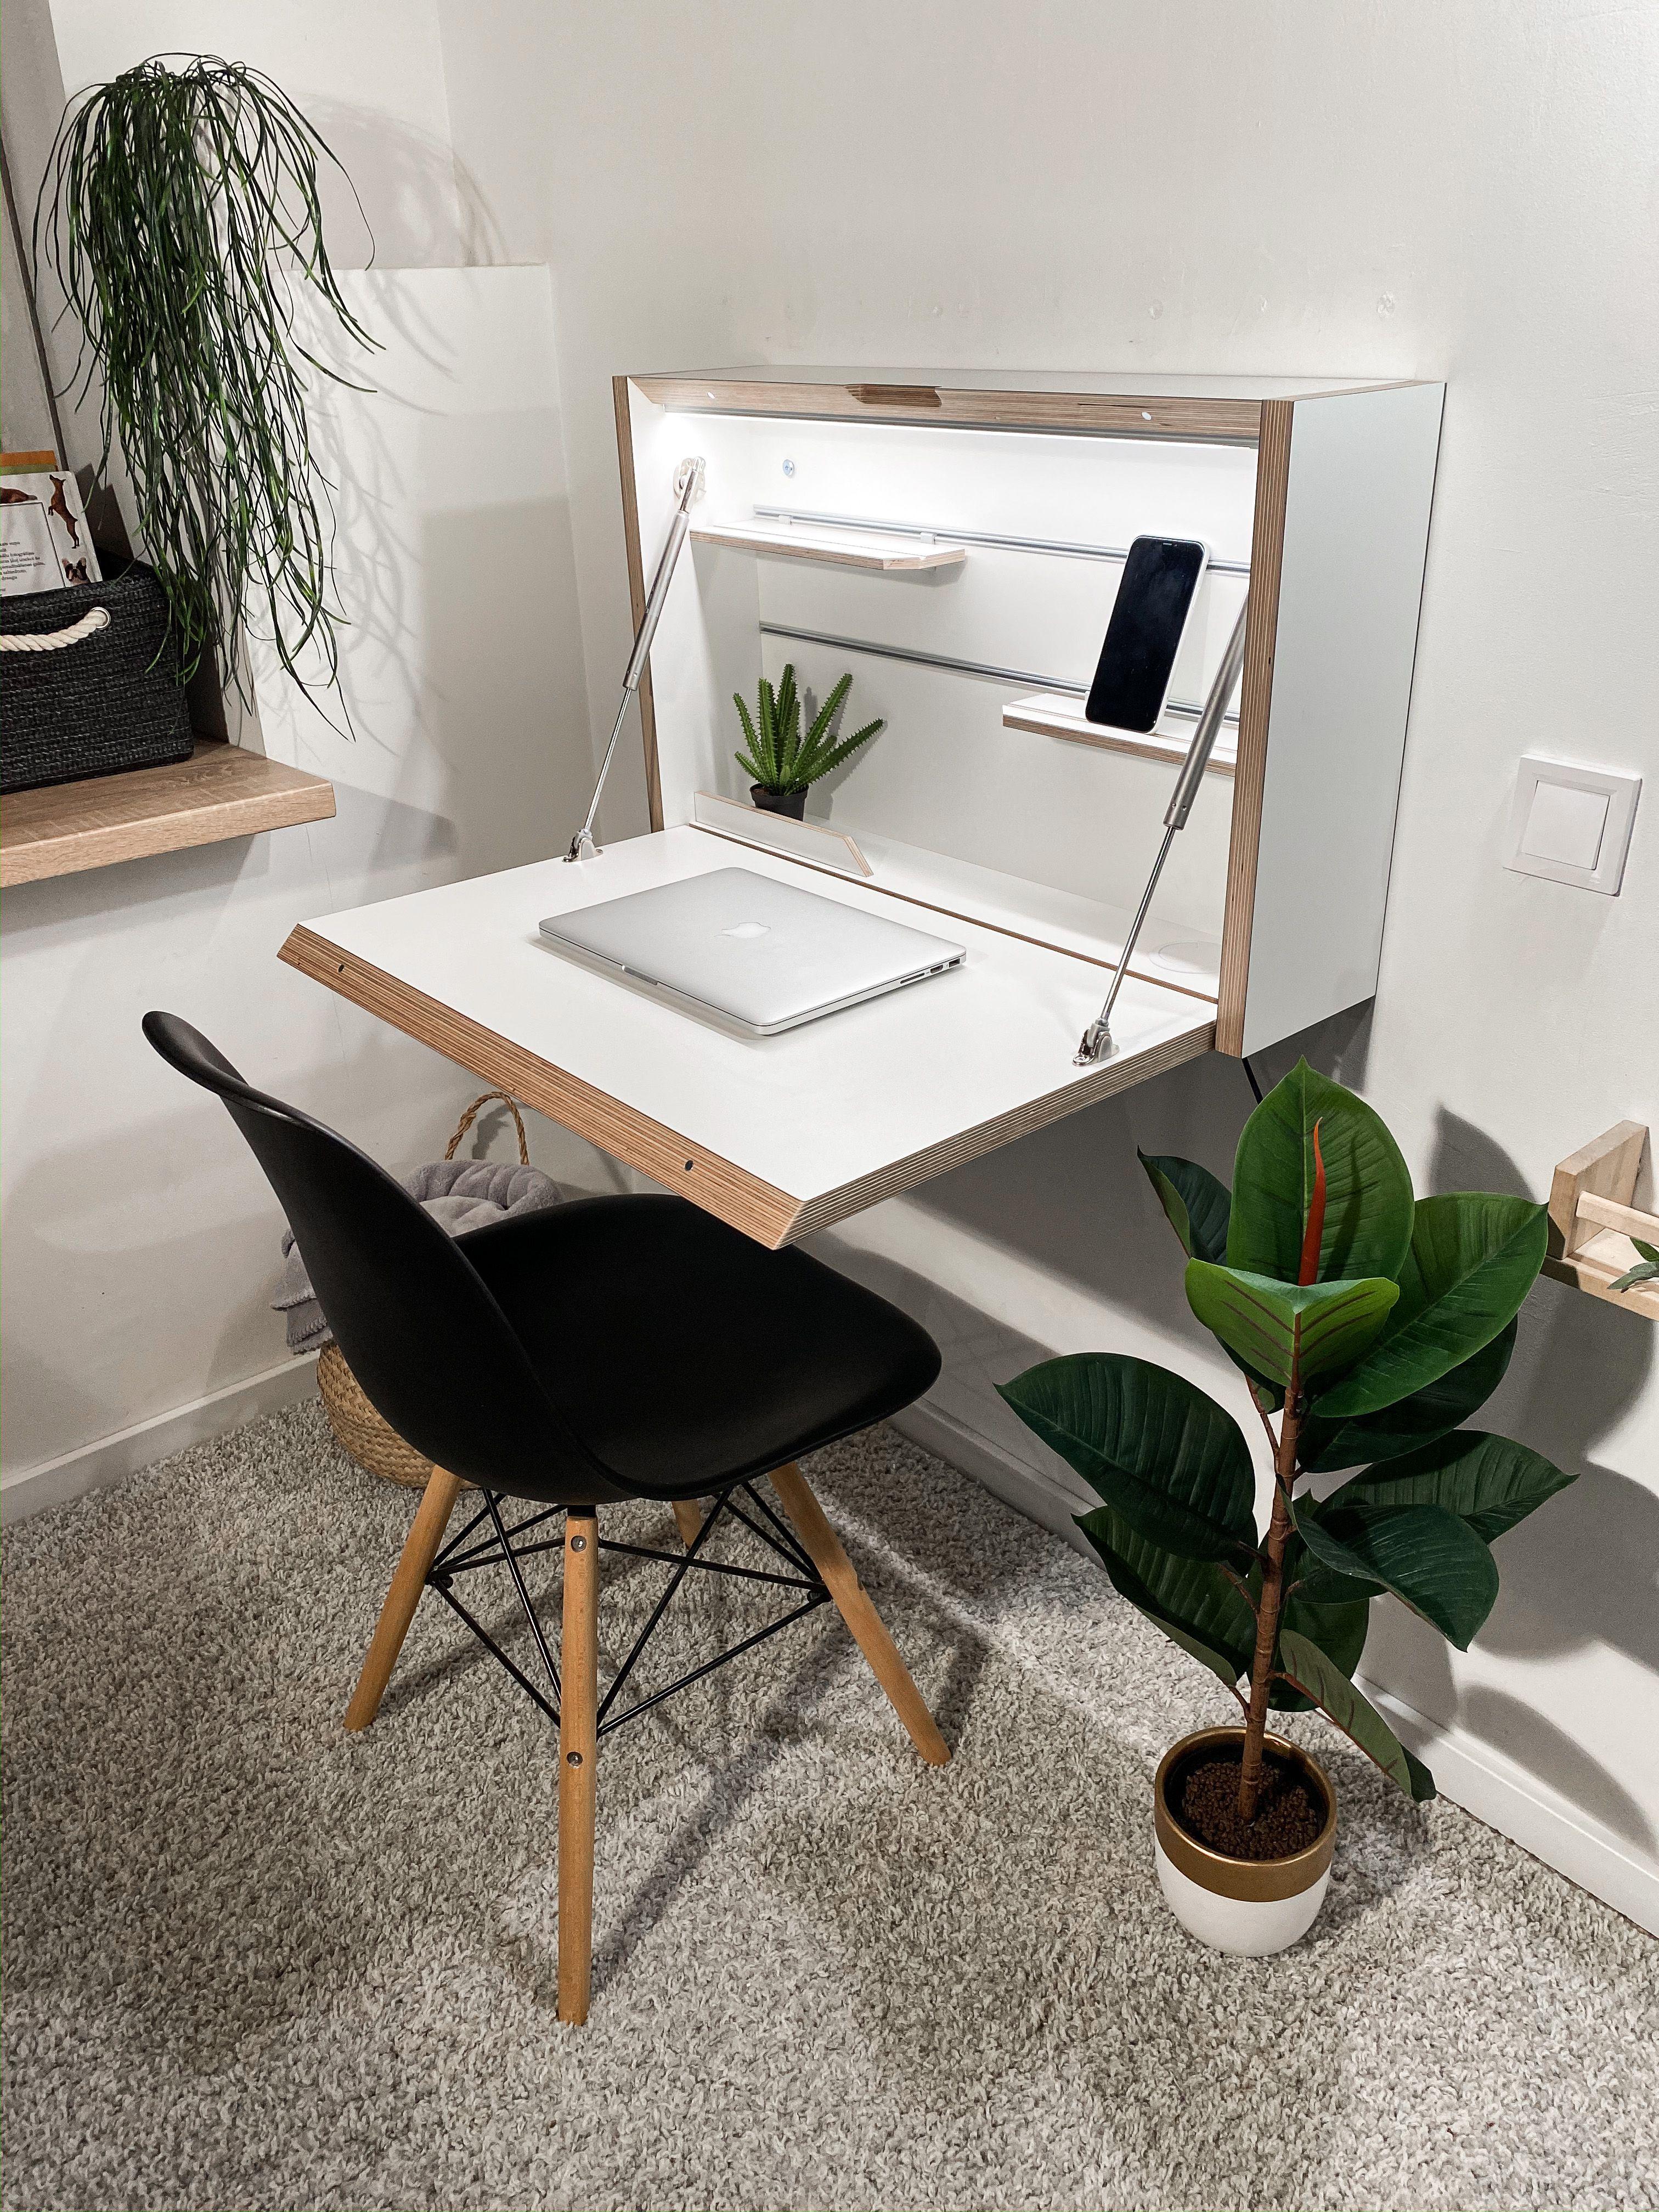 Wall Mounted Folding Desk Space Saving Desk Office Desk Secretary